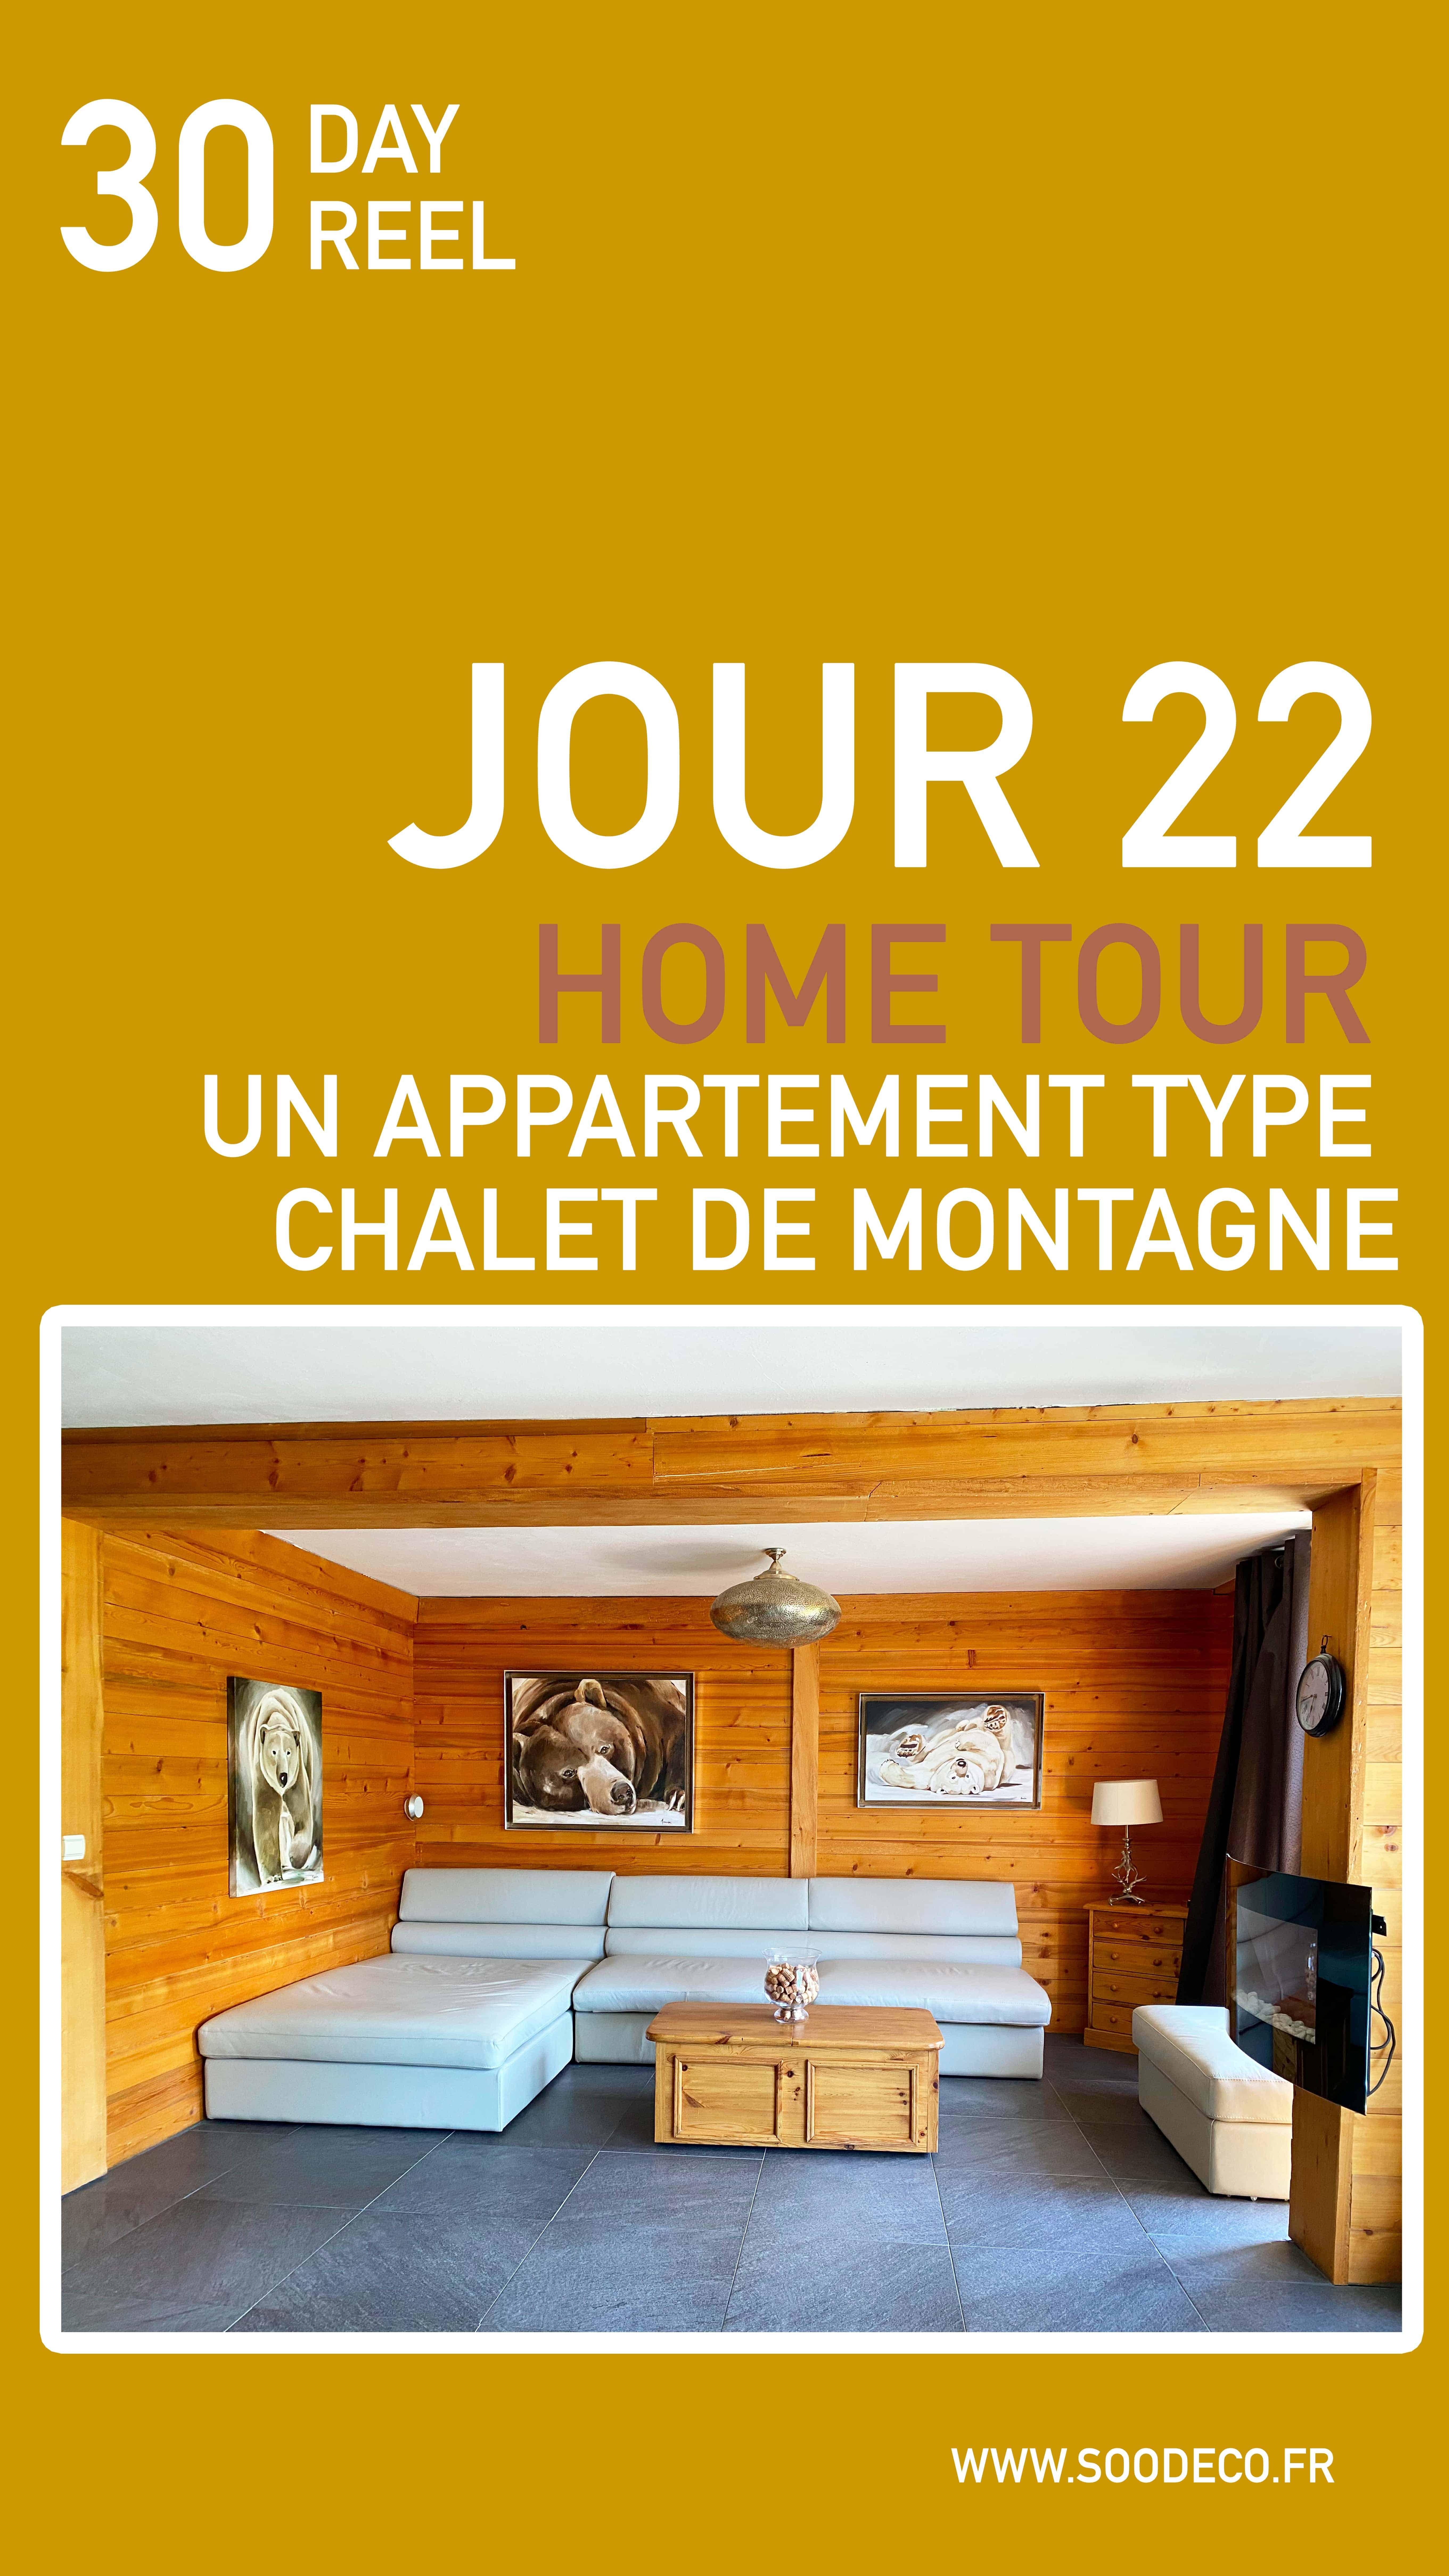 Un appartement type chalet de montagne